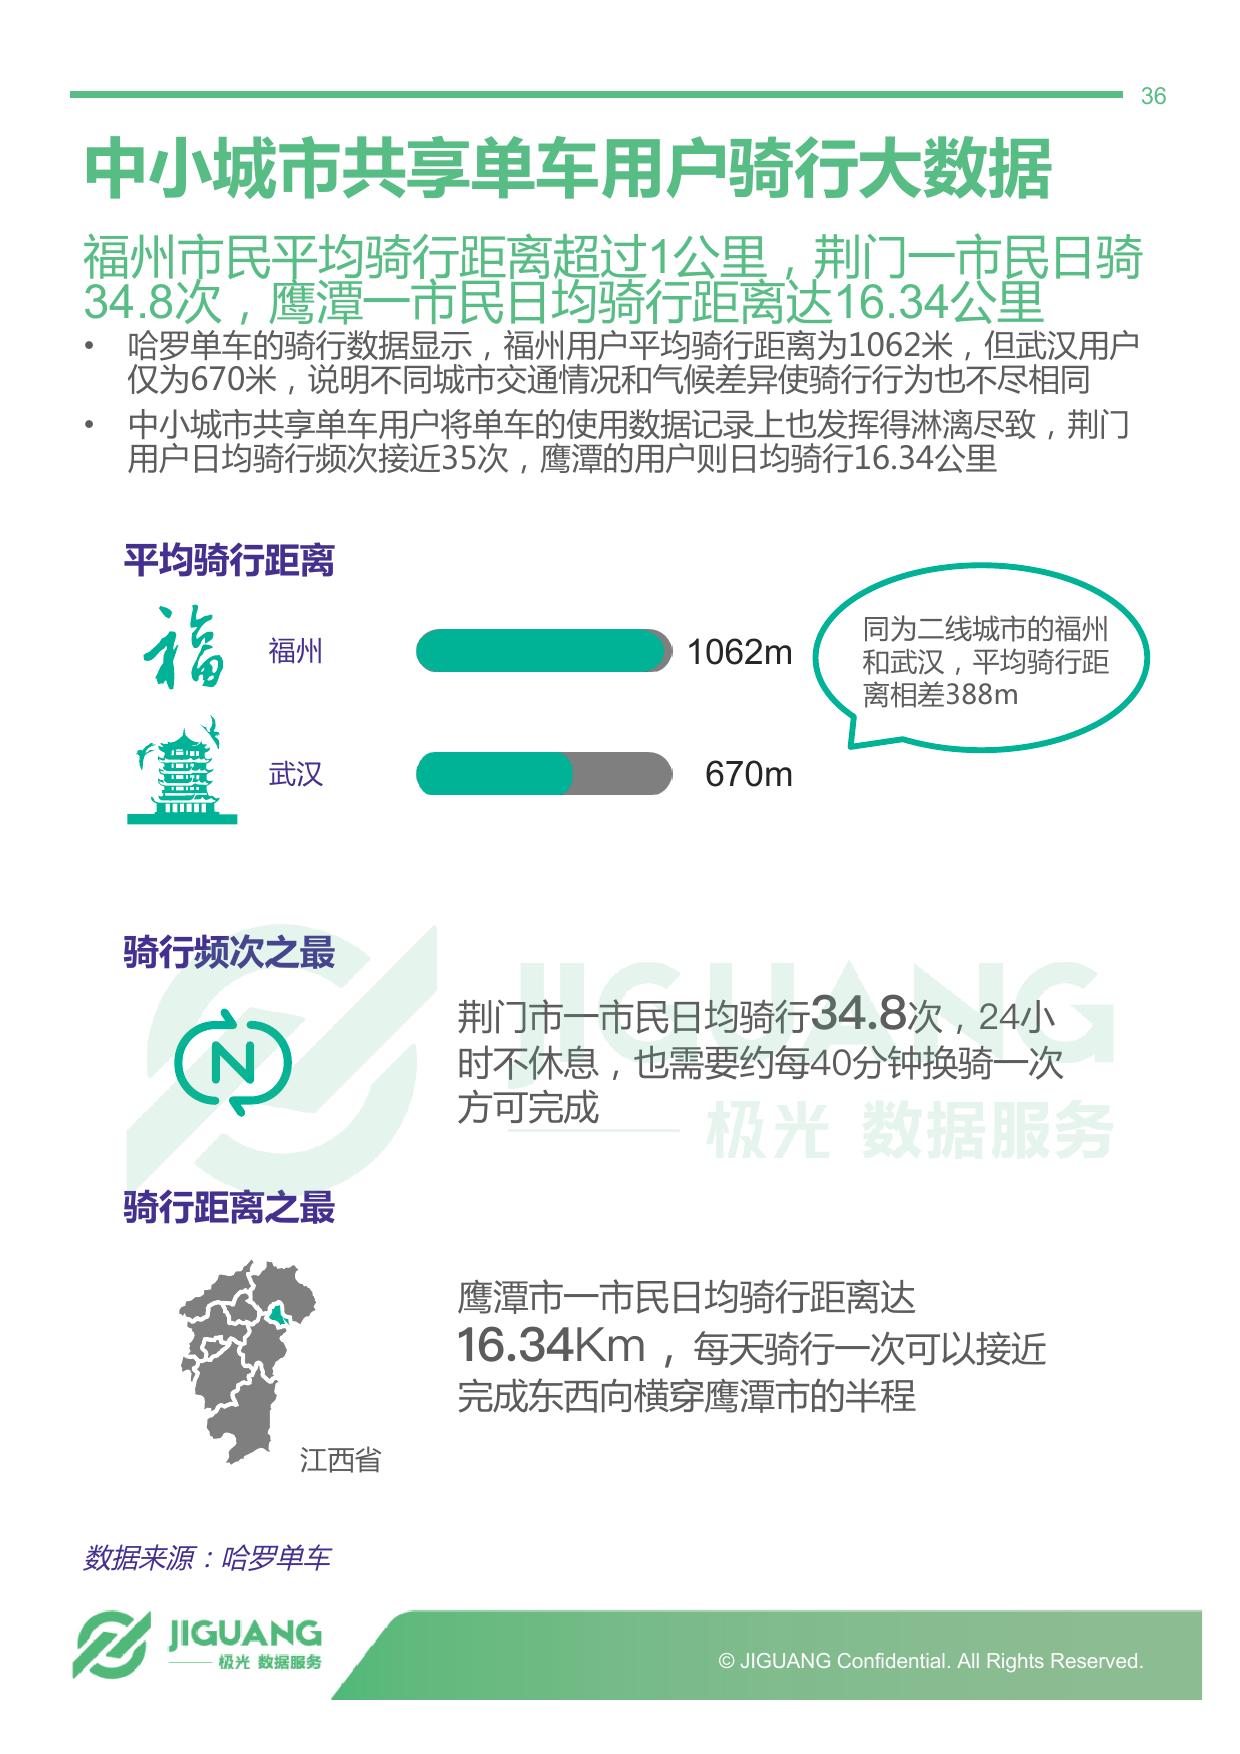 极光大数据:中国中小城市共享单车发展报告